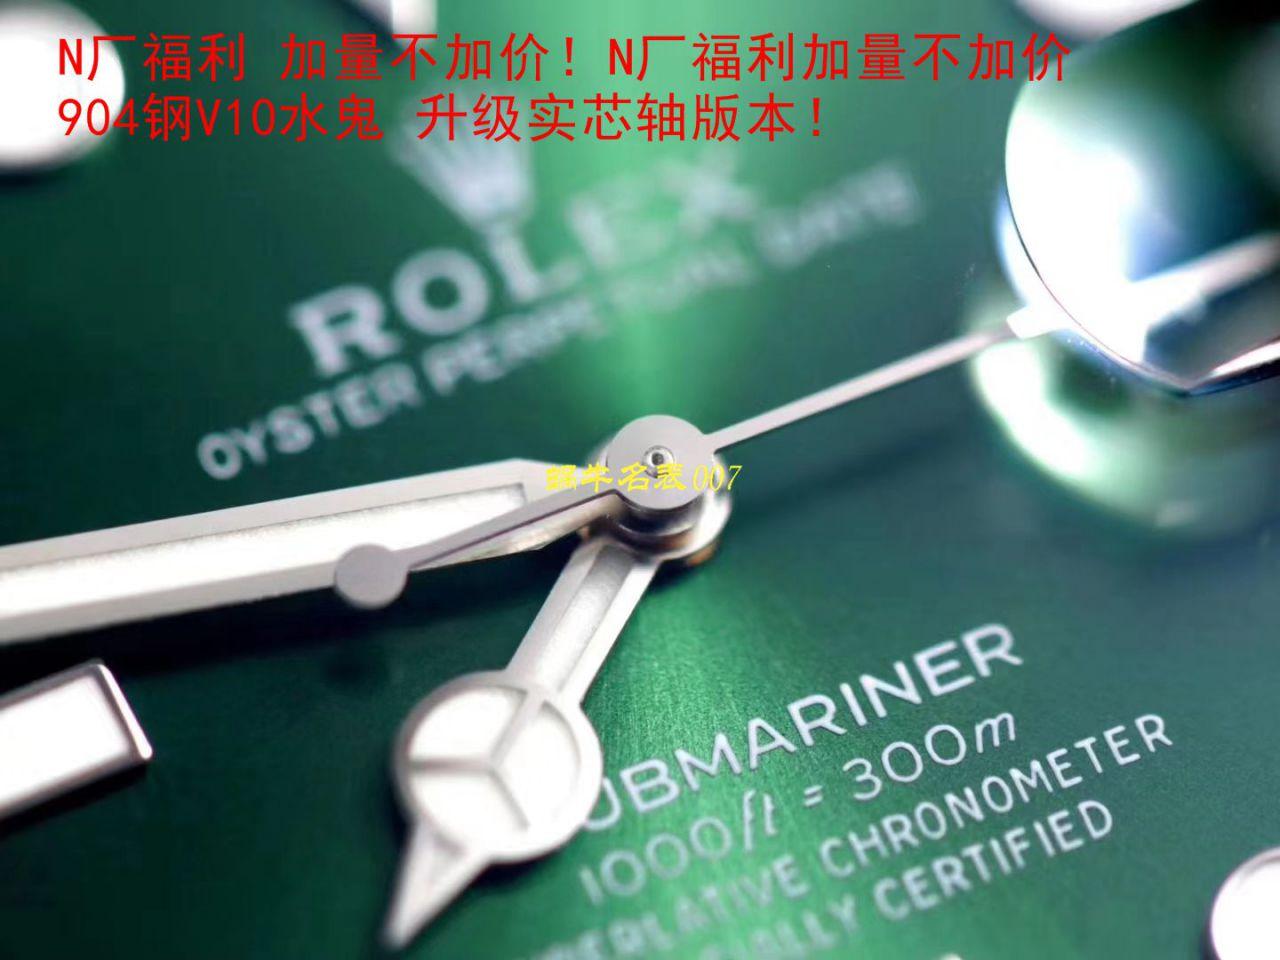 视频评测顶级复刻N厂官网V10S劳力士绿水鬼手表116610LV-97200 / R571